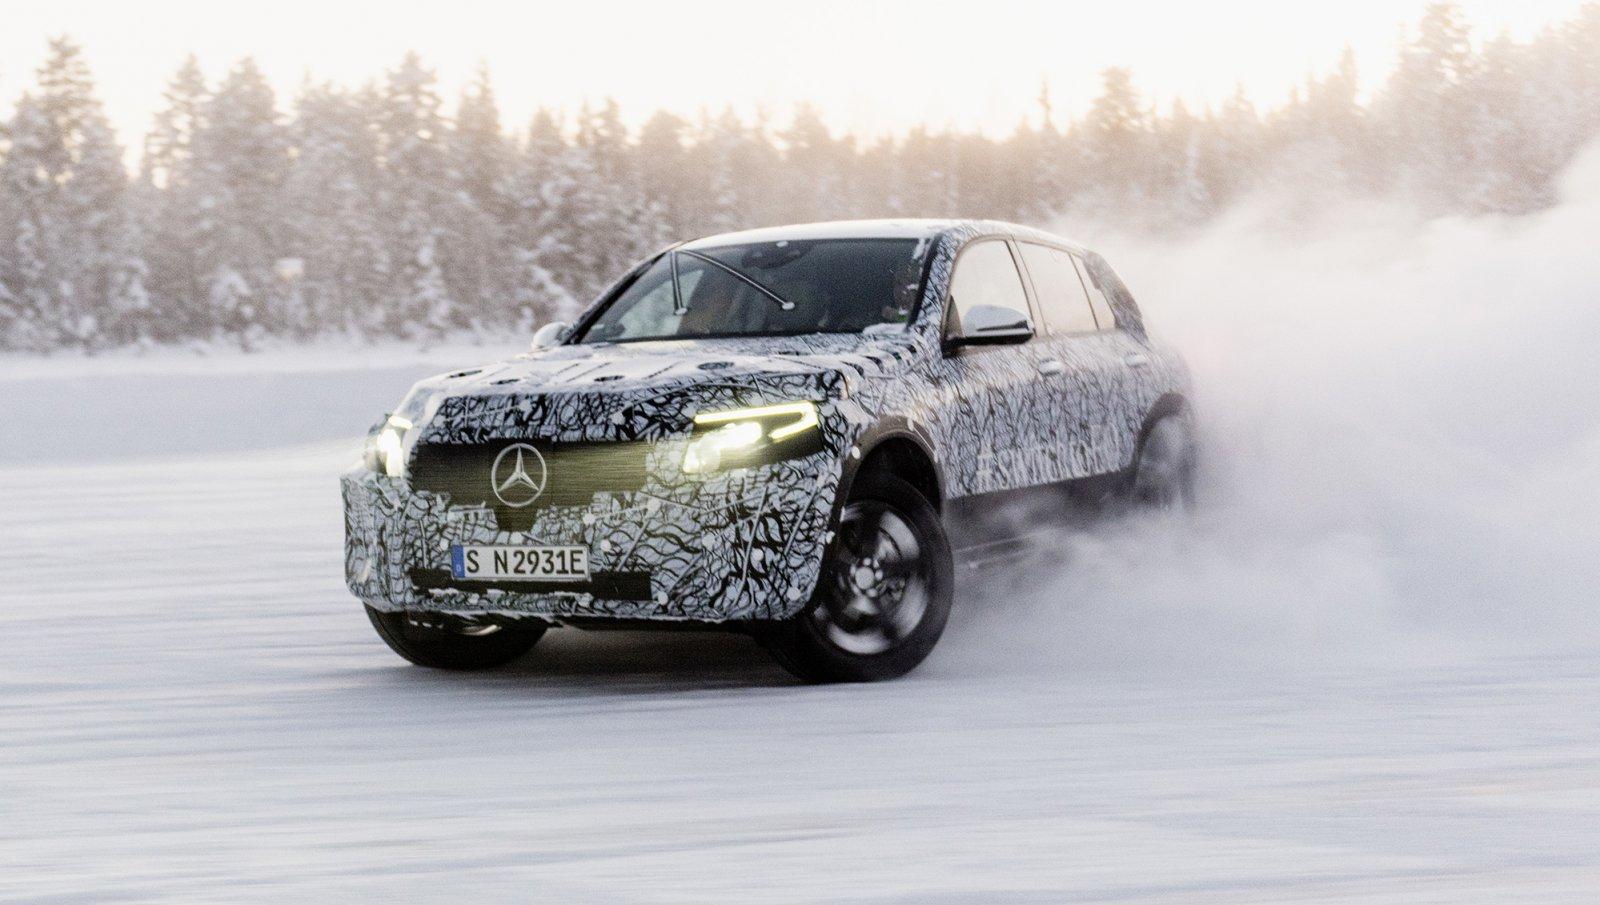 Mercedes-Benz EQC vintertest i Arjeplog